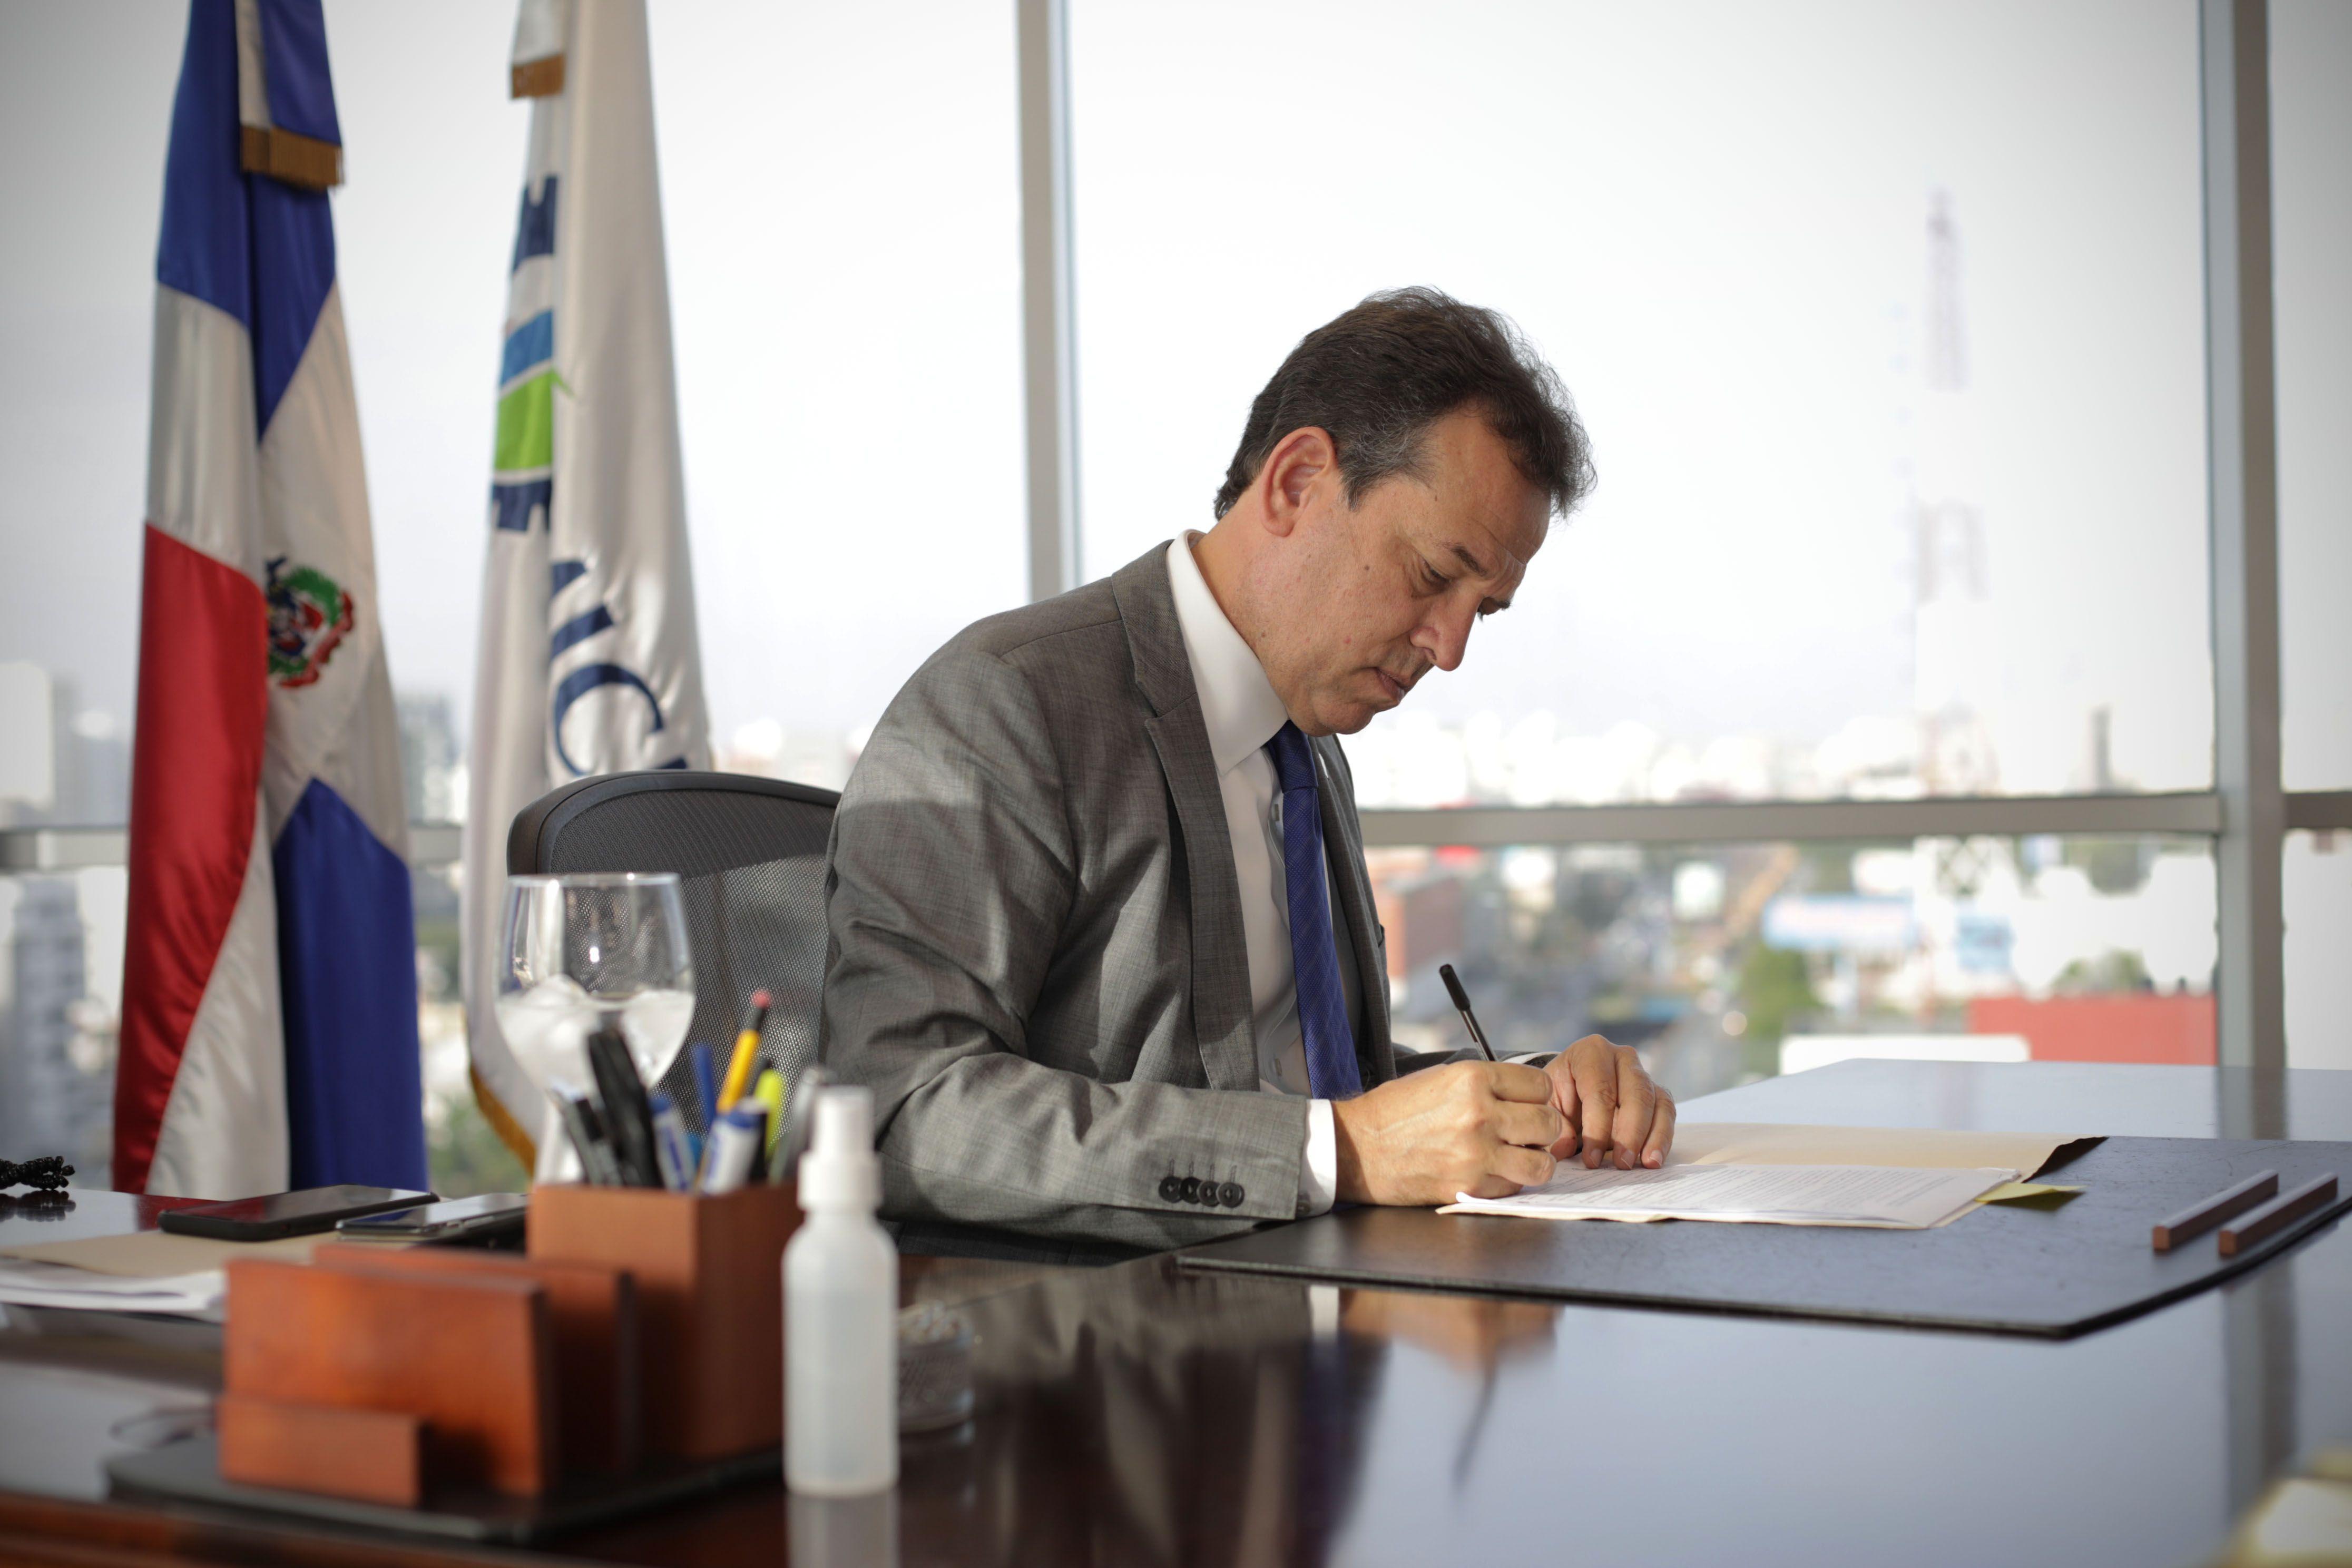 <p>Ito Bison&oacute; solicita revisi&oacute;n de millonario contrato de alquiler del edificio del MICM</p>